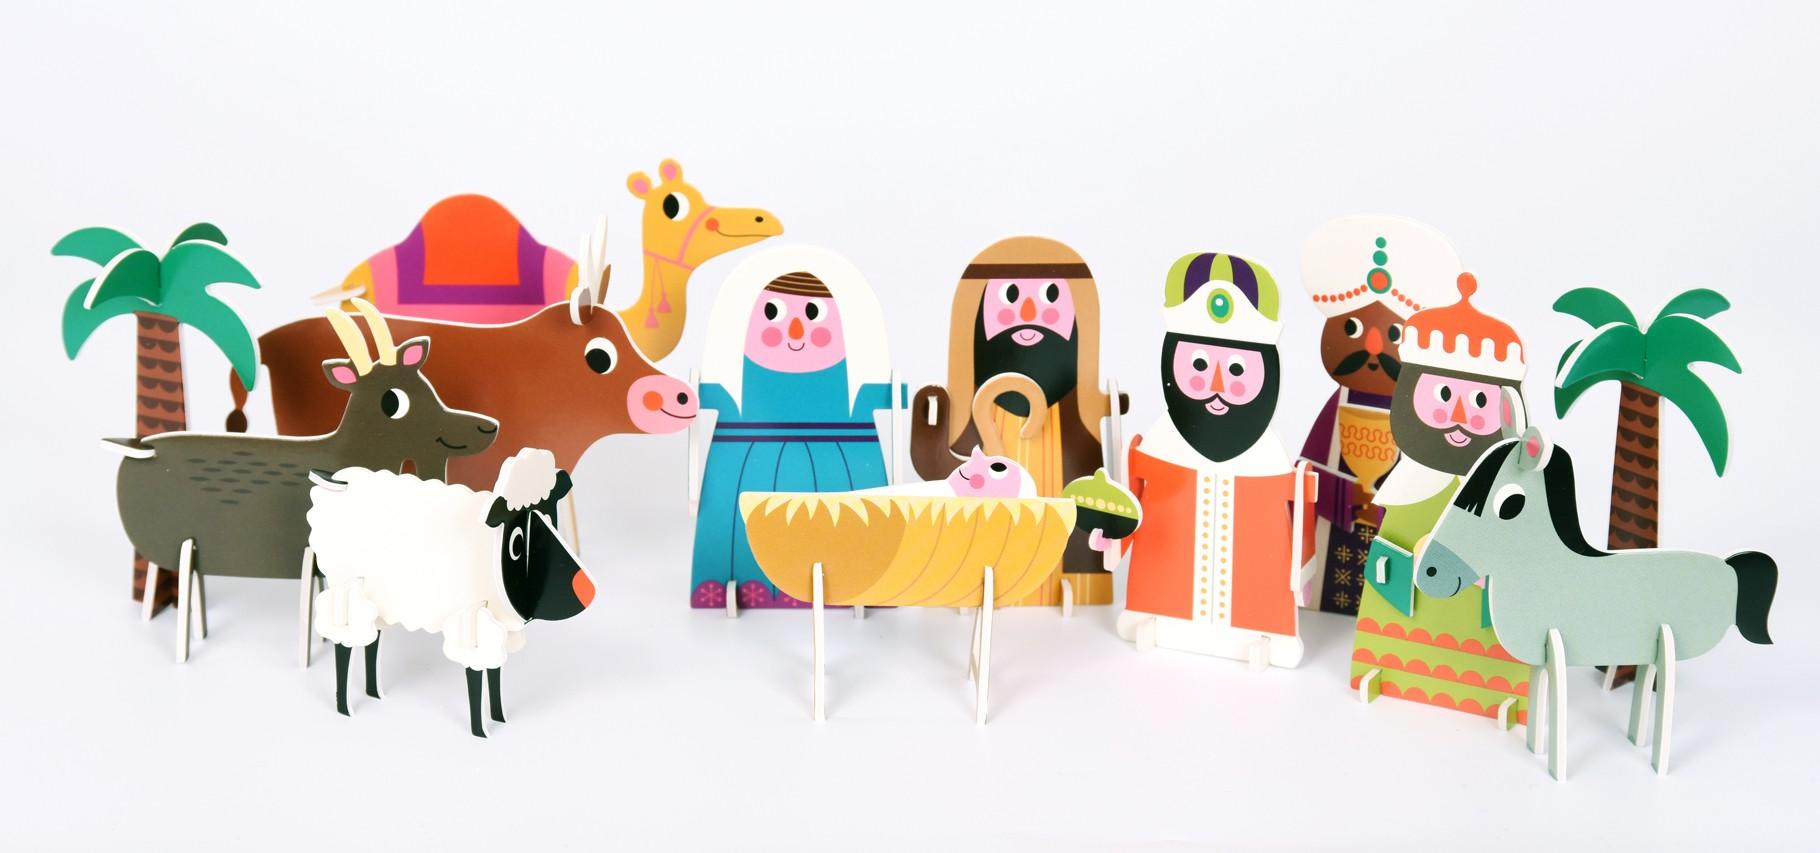 Engel 3d nativity puzzle